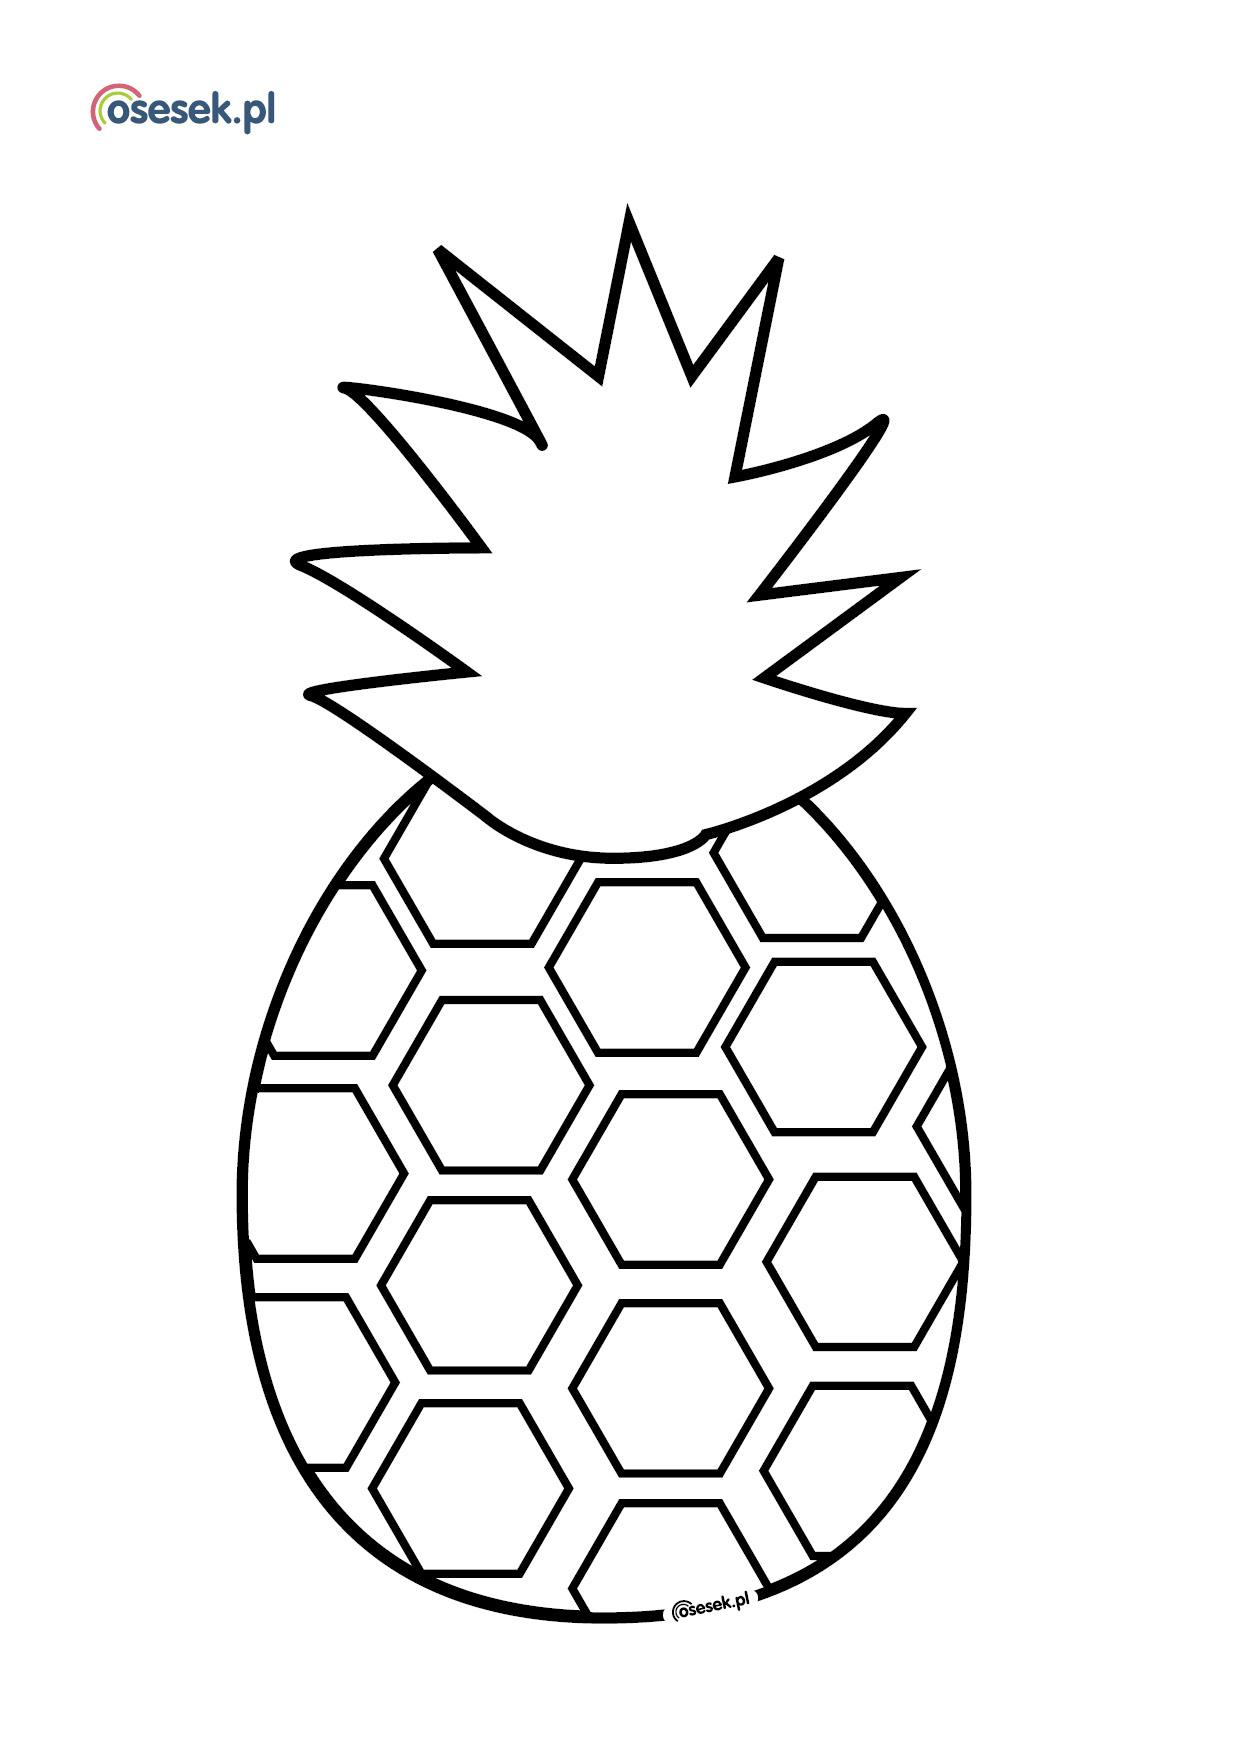 Ananas Rysunek ananas - kolorowanka dla dzieci do druku - osesek.pl